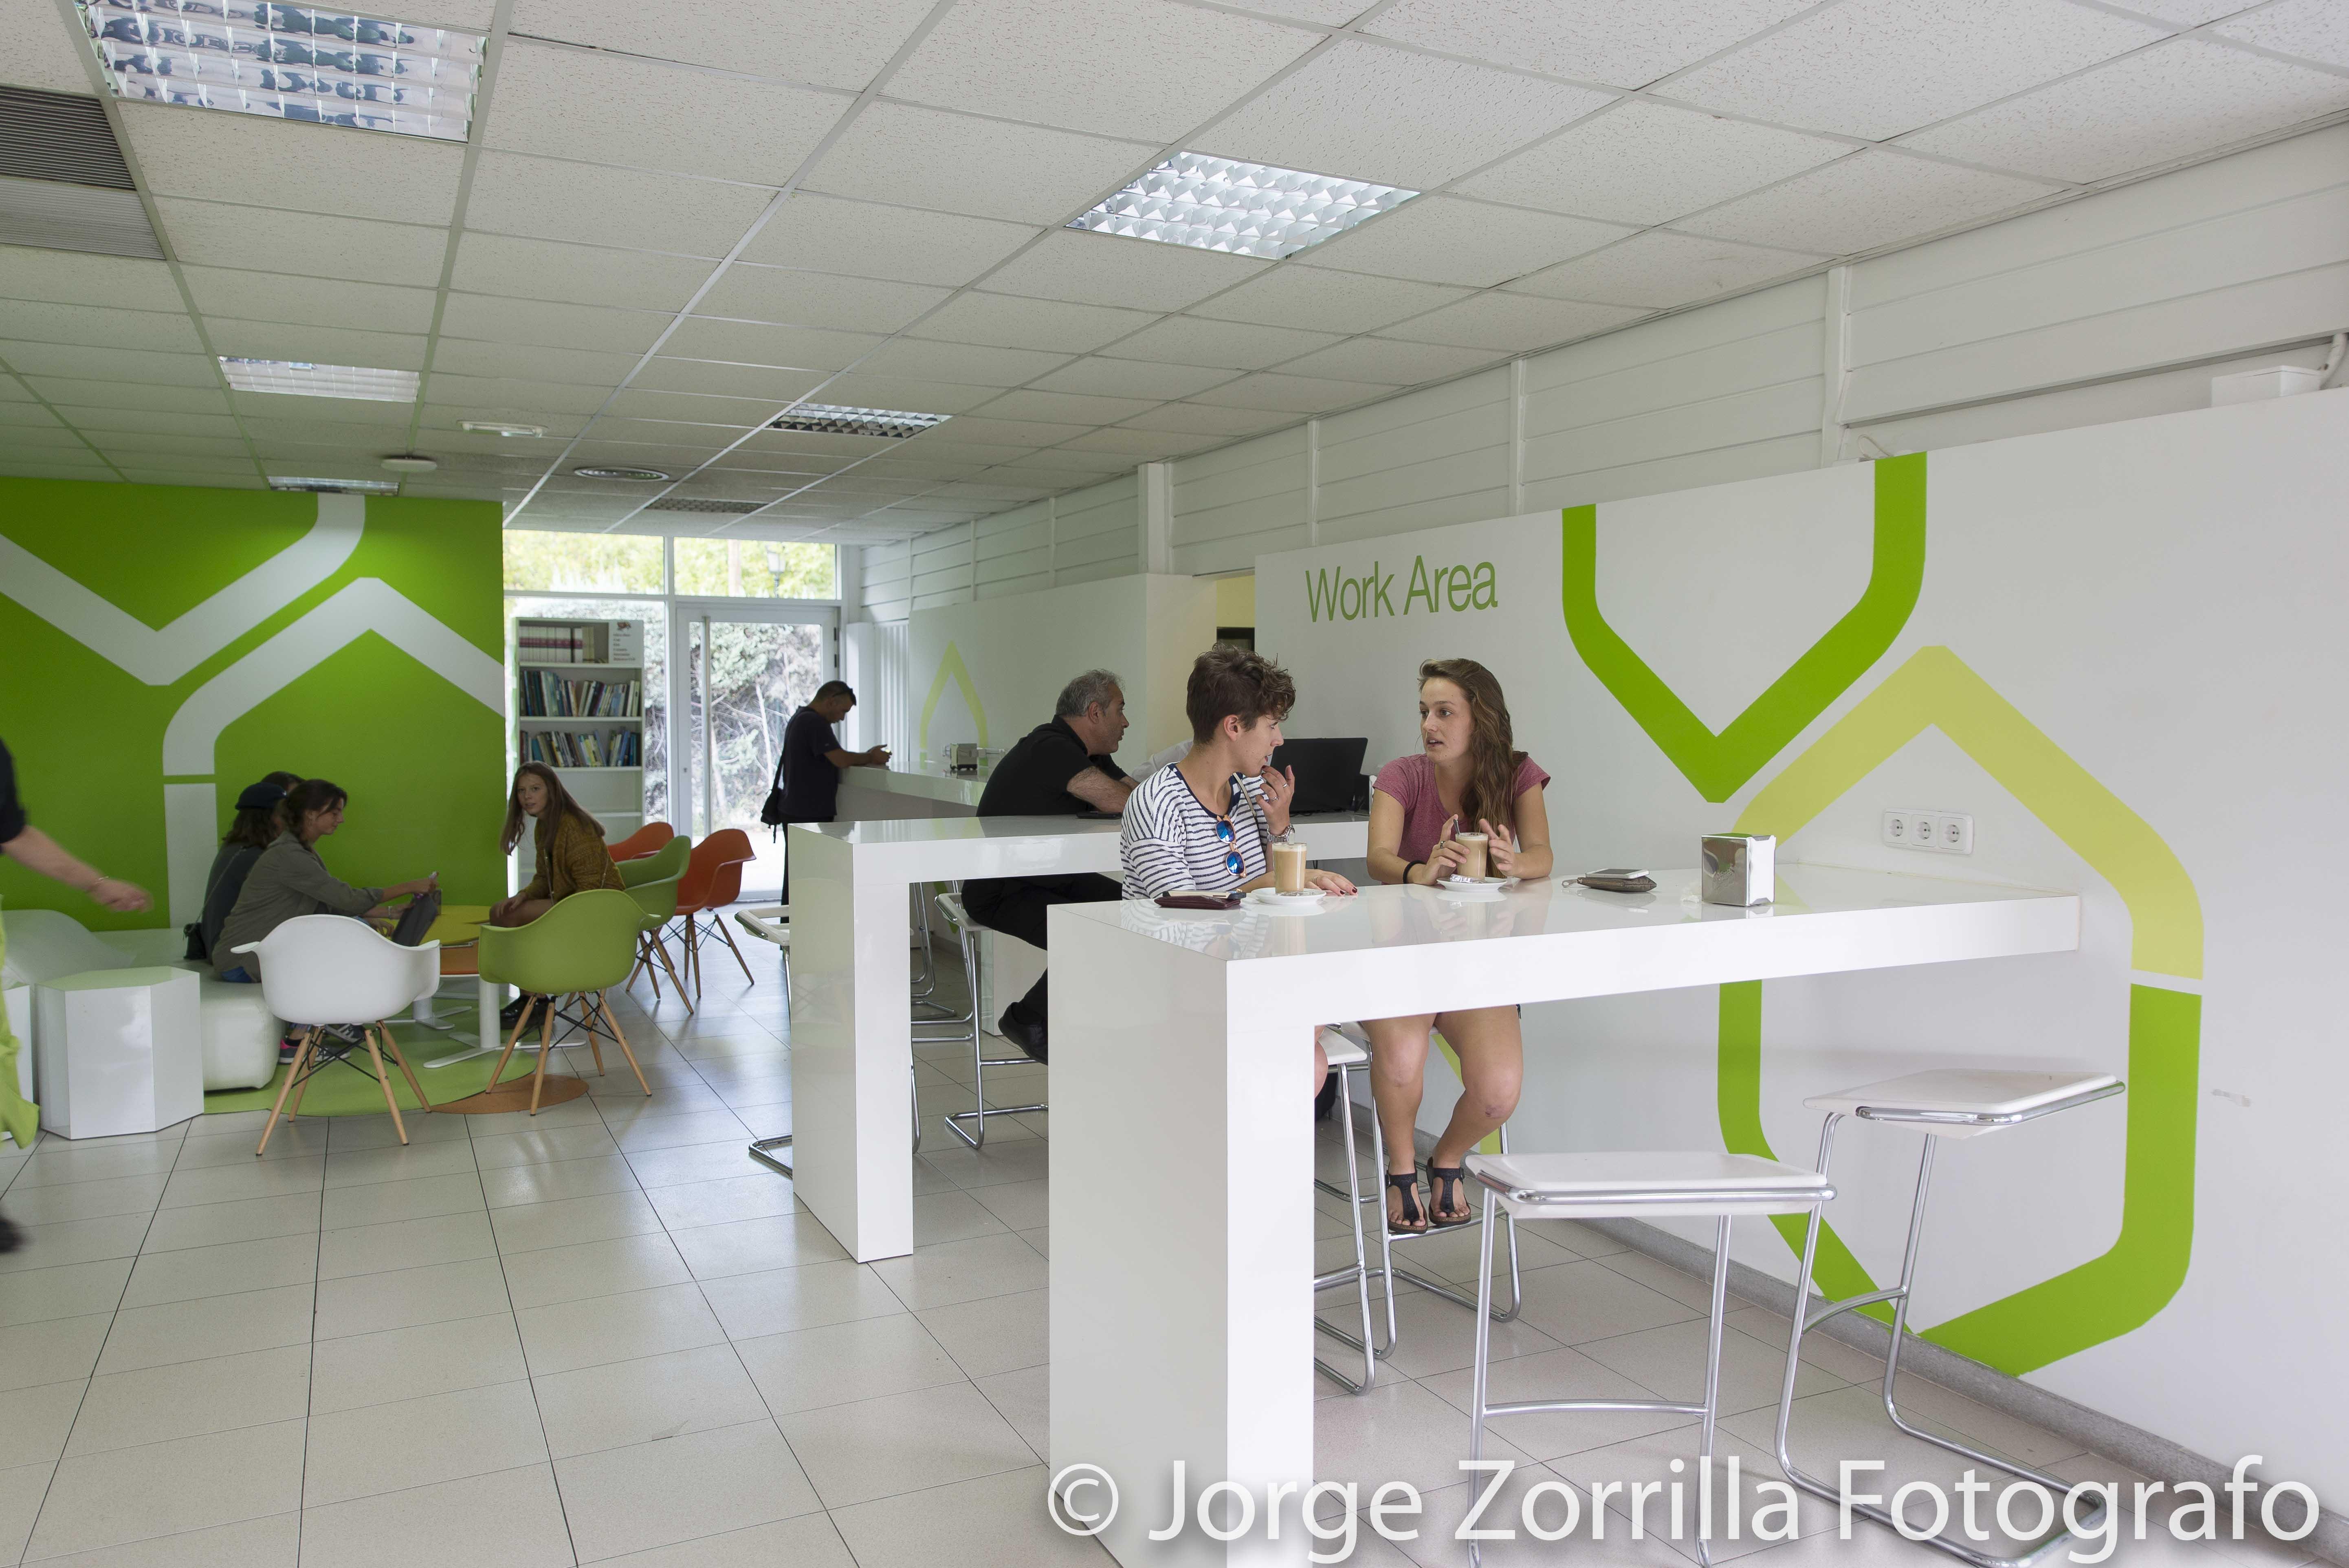 Fotografía Aula de alumnado de Universidad Camilo Jose Cela en Madrid © Jorge Zorrilla Fotógrafo Mad